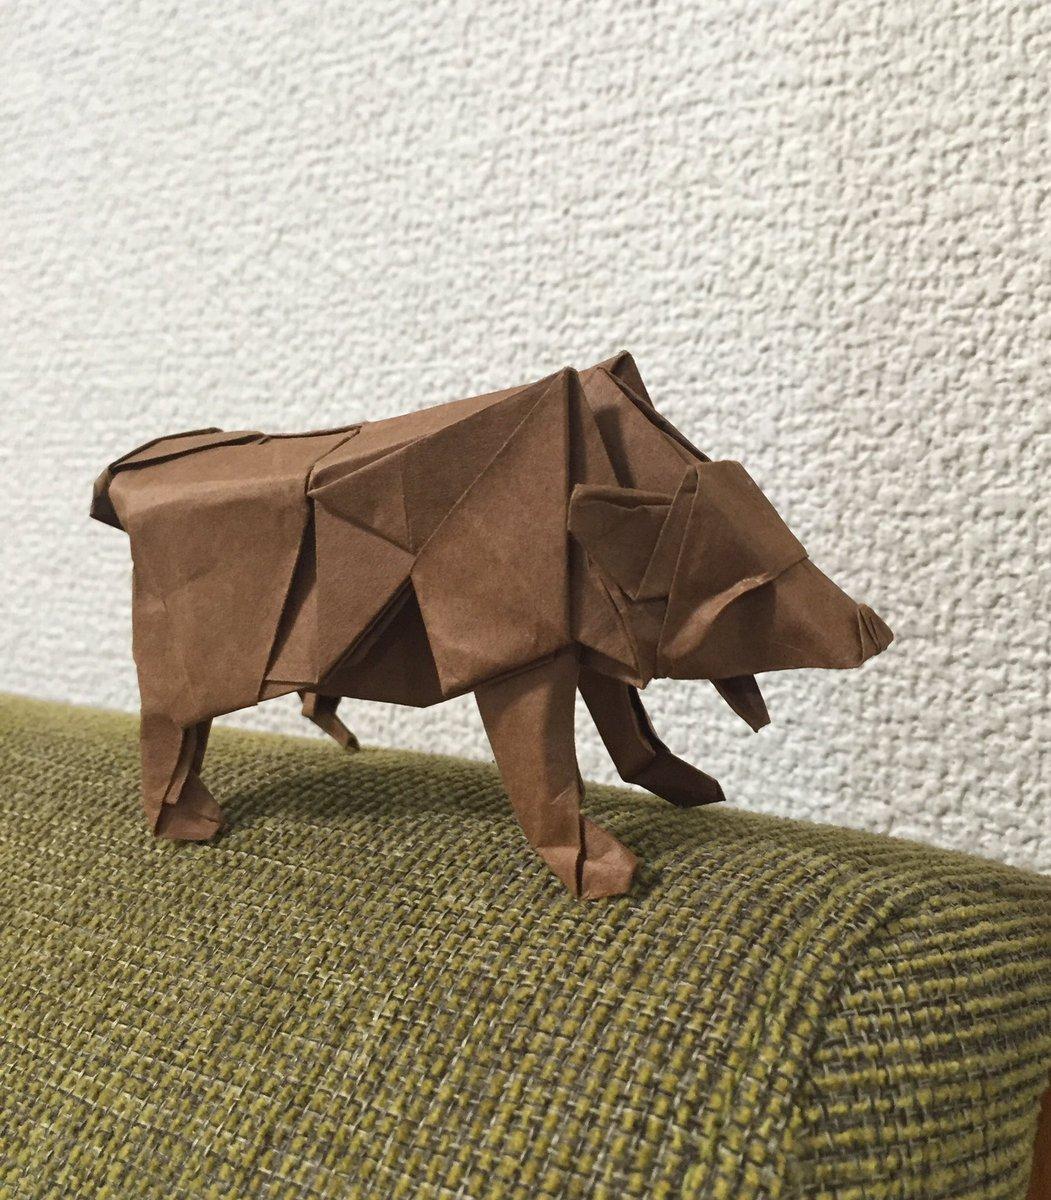 クマ 折り紙 くまを折り紙で簡単に折る方法!かわいいプーさんやくまもんも